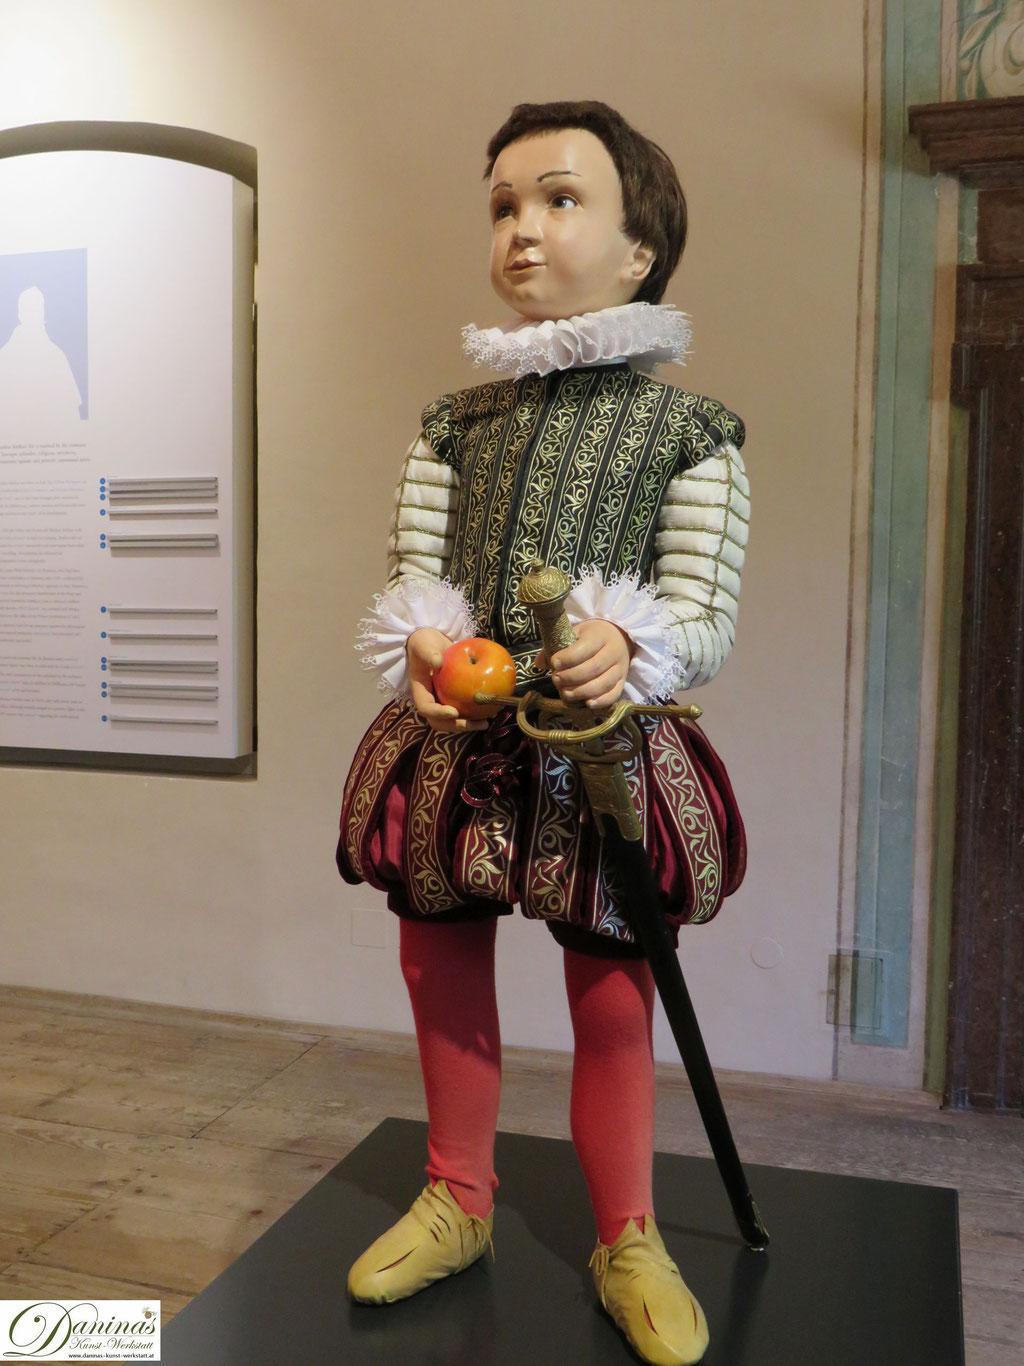 Fürsterzbischof Markus Sittikus als Kind. Schloss Hellbrunn in Salzburg